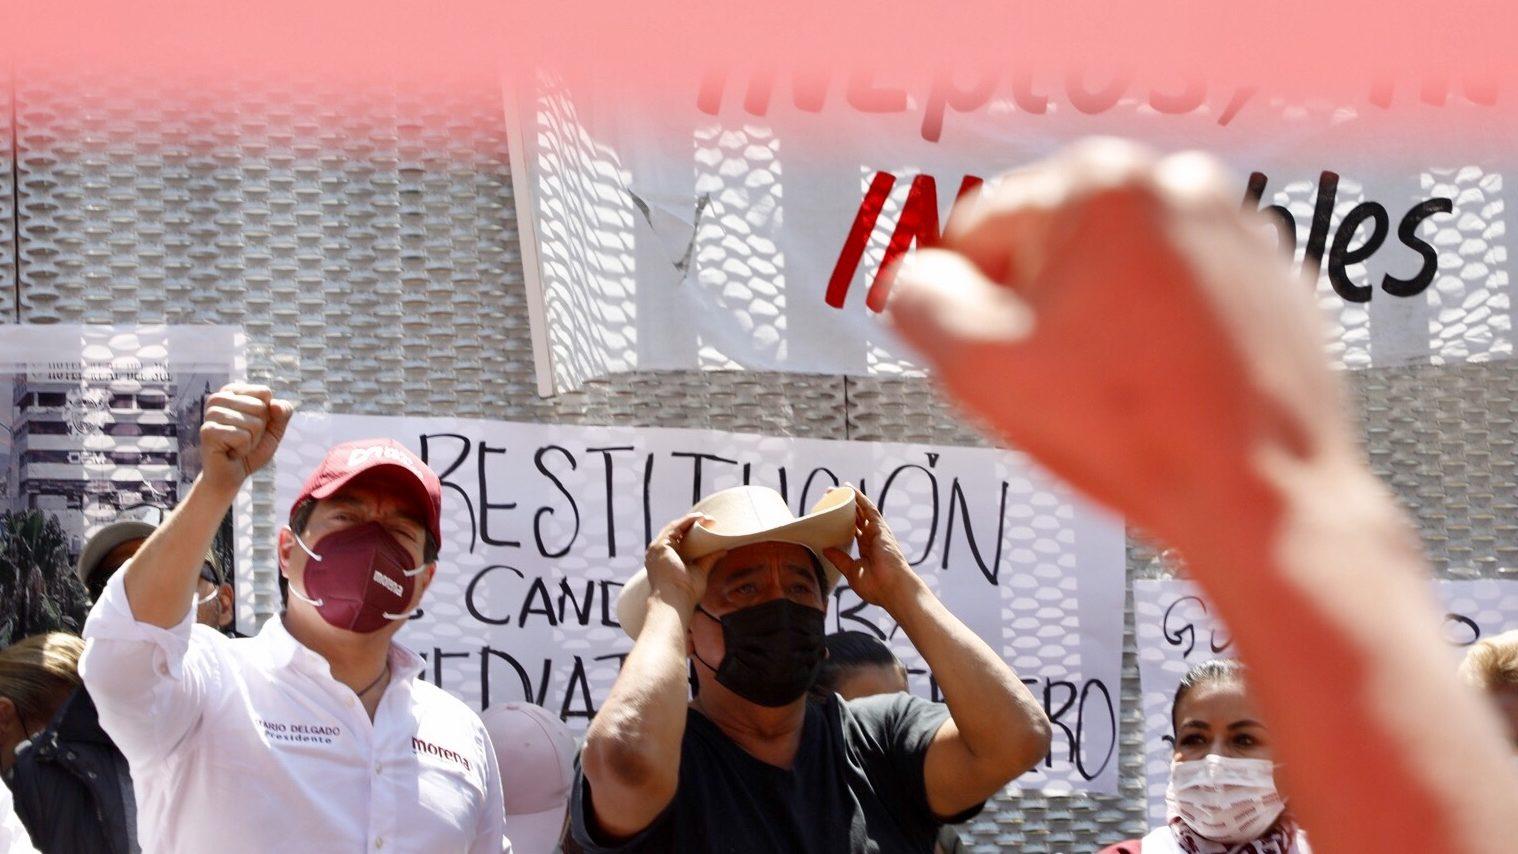 Si consejeros del INE no rectifican, iremos a sus casas: Salgado Macedonio